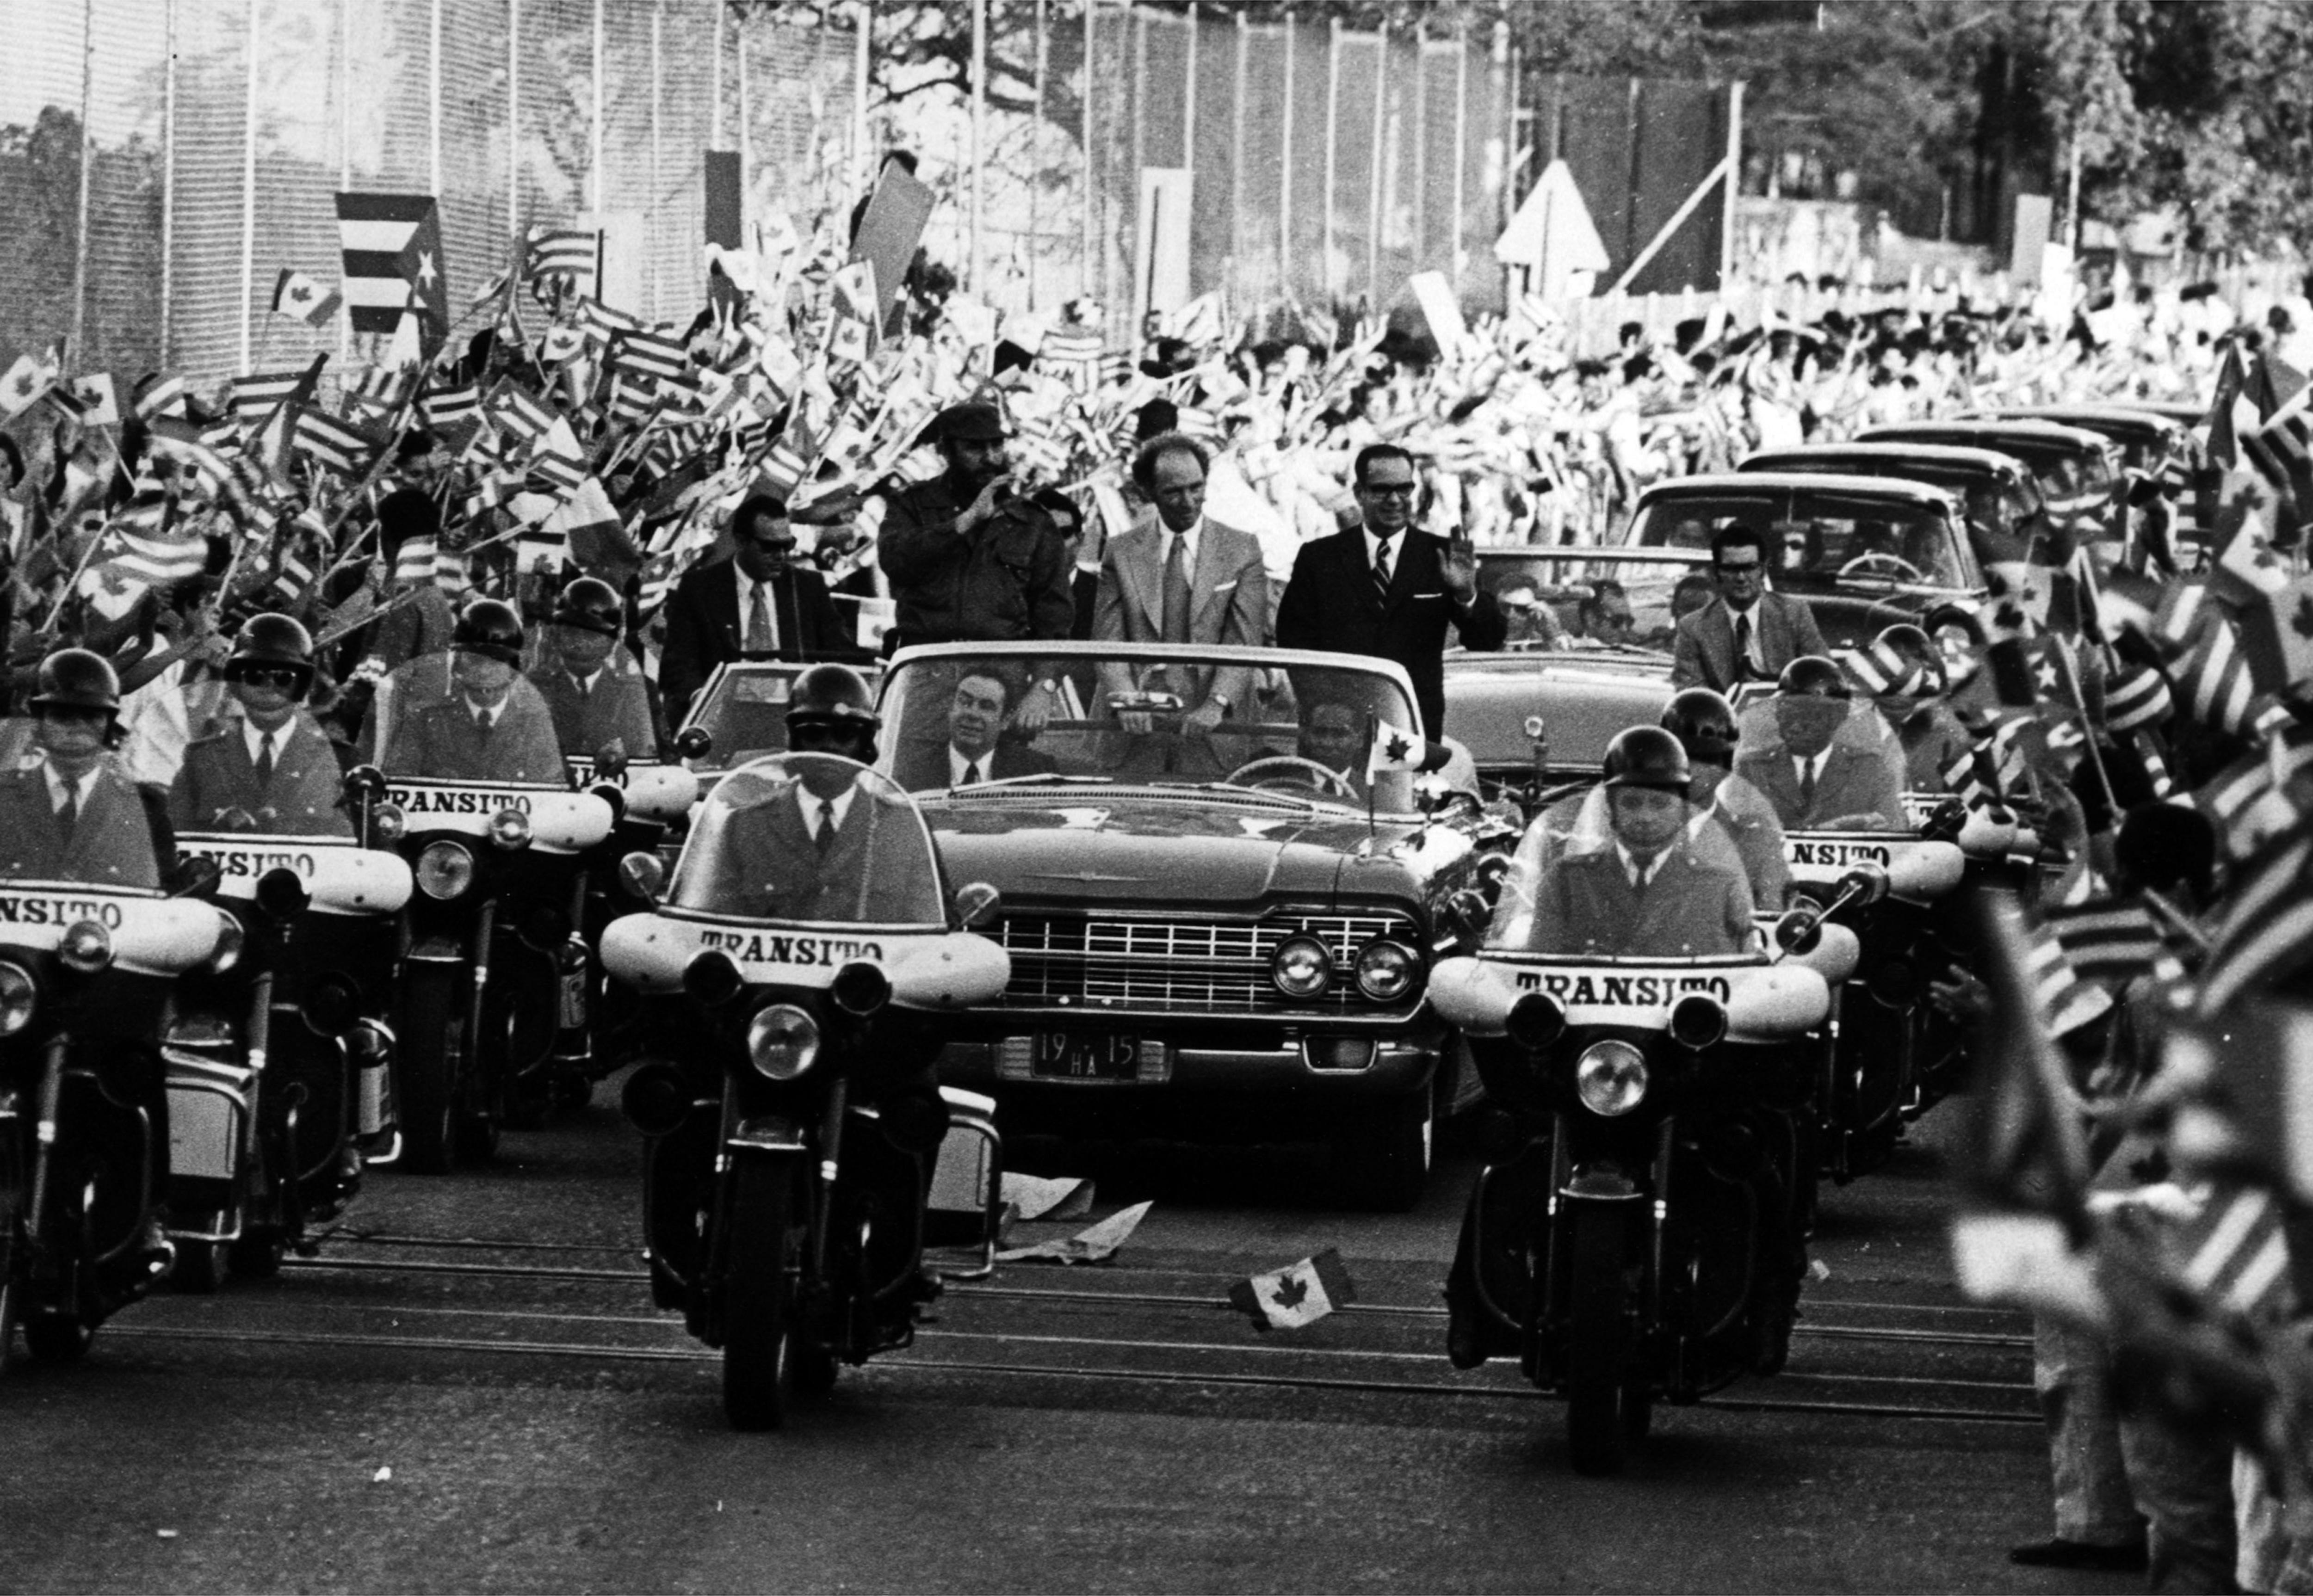 Castro et Trudeau paradent debout dans une voiture officielle décapotable.